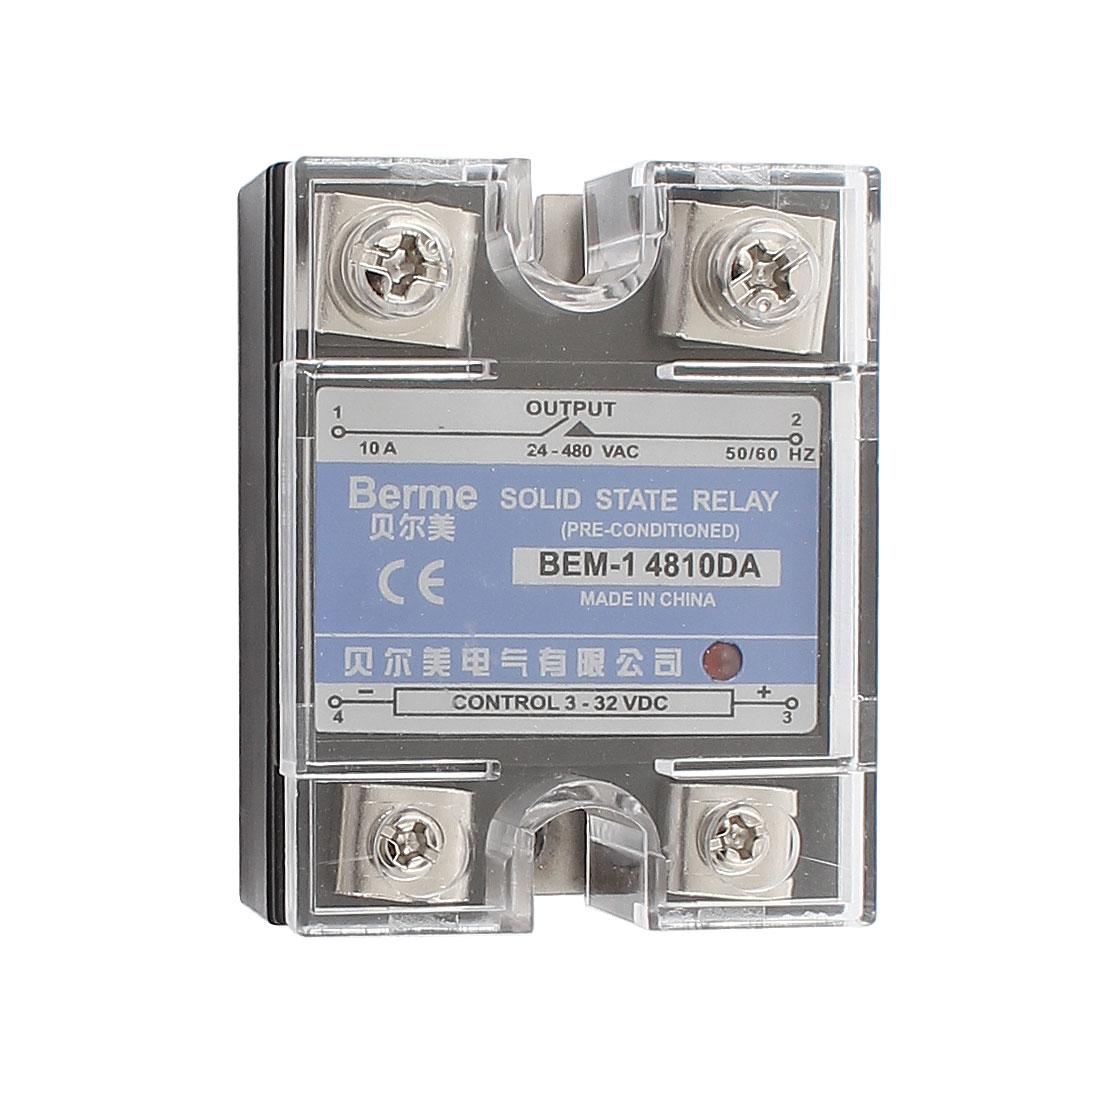 Solid State Relay Module BEM-1 4810DA DC-AC 25A 3-32VDC/24-480VAC